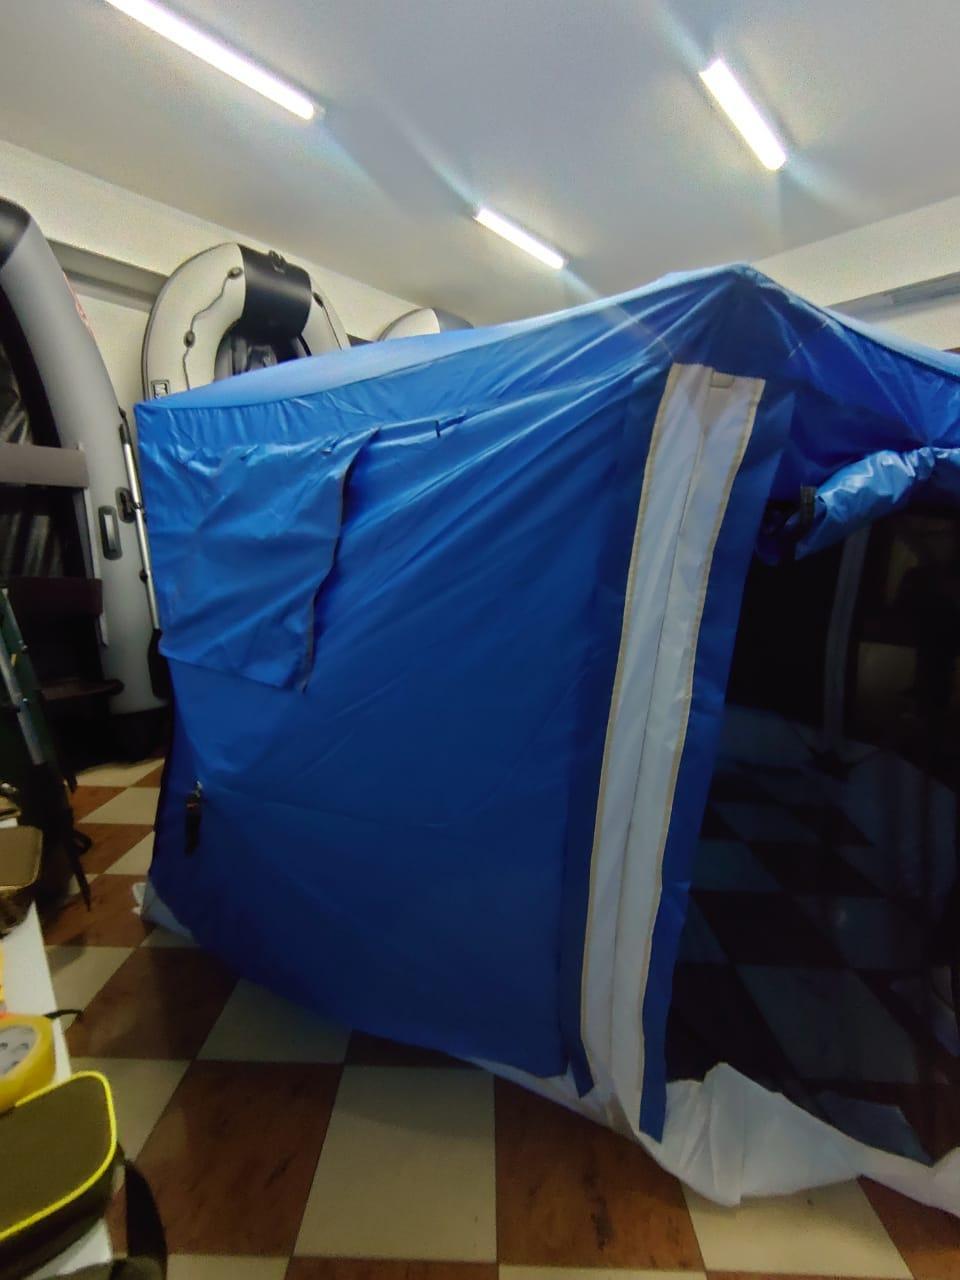 Шатер туристический Палатка БЕСЕДКА для охоты, рыбалки, тур похода Размеры 365*320*225 см - фото 2